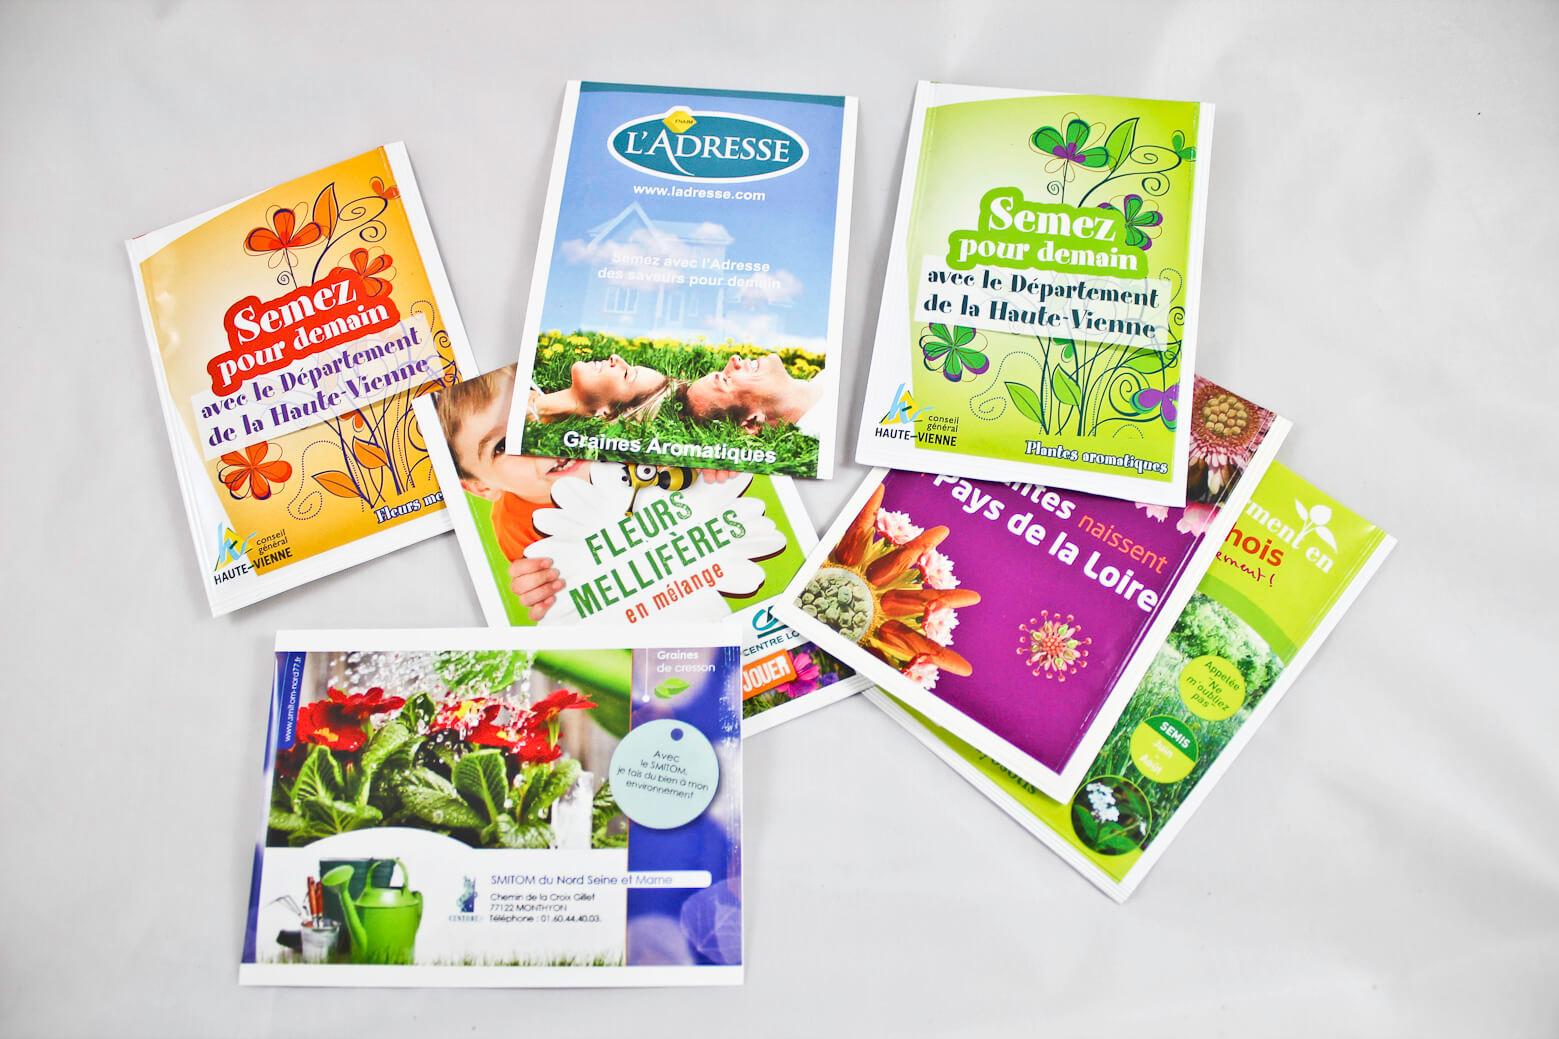 Sachet de Graines ecologique publicitaire taille moyenne ECO090